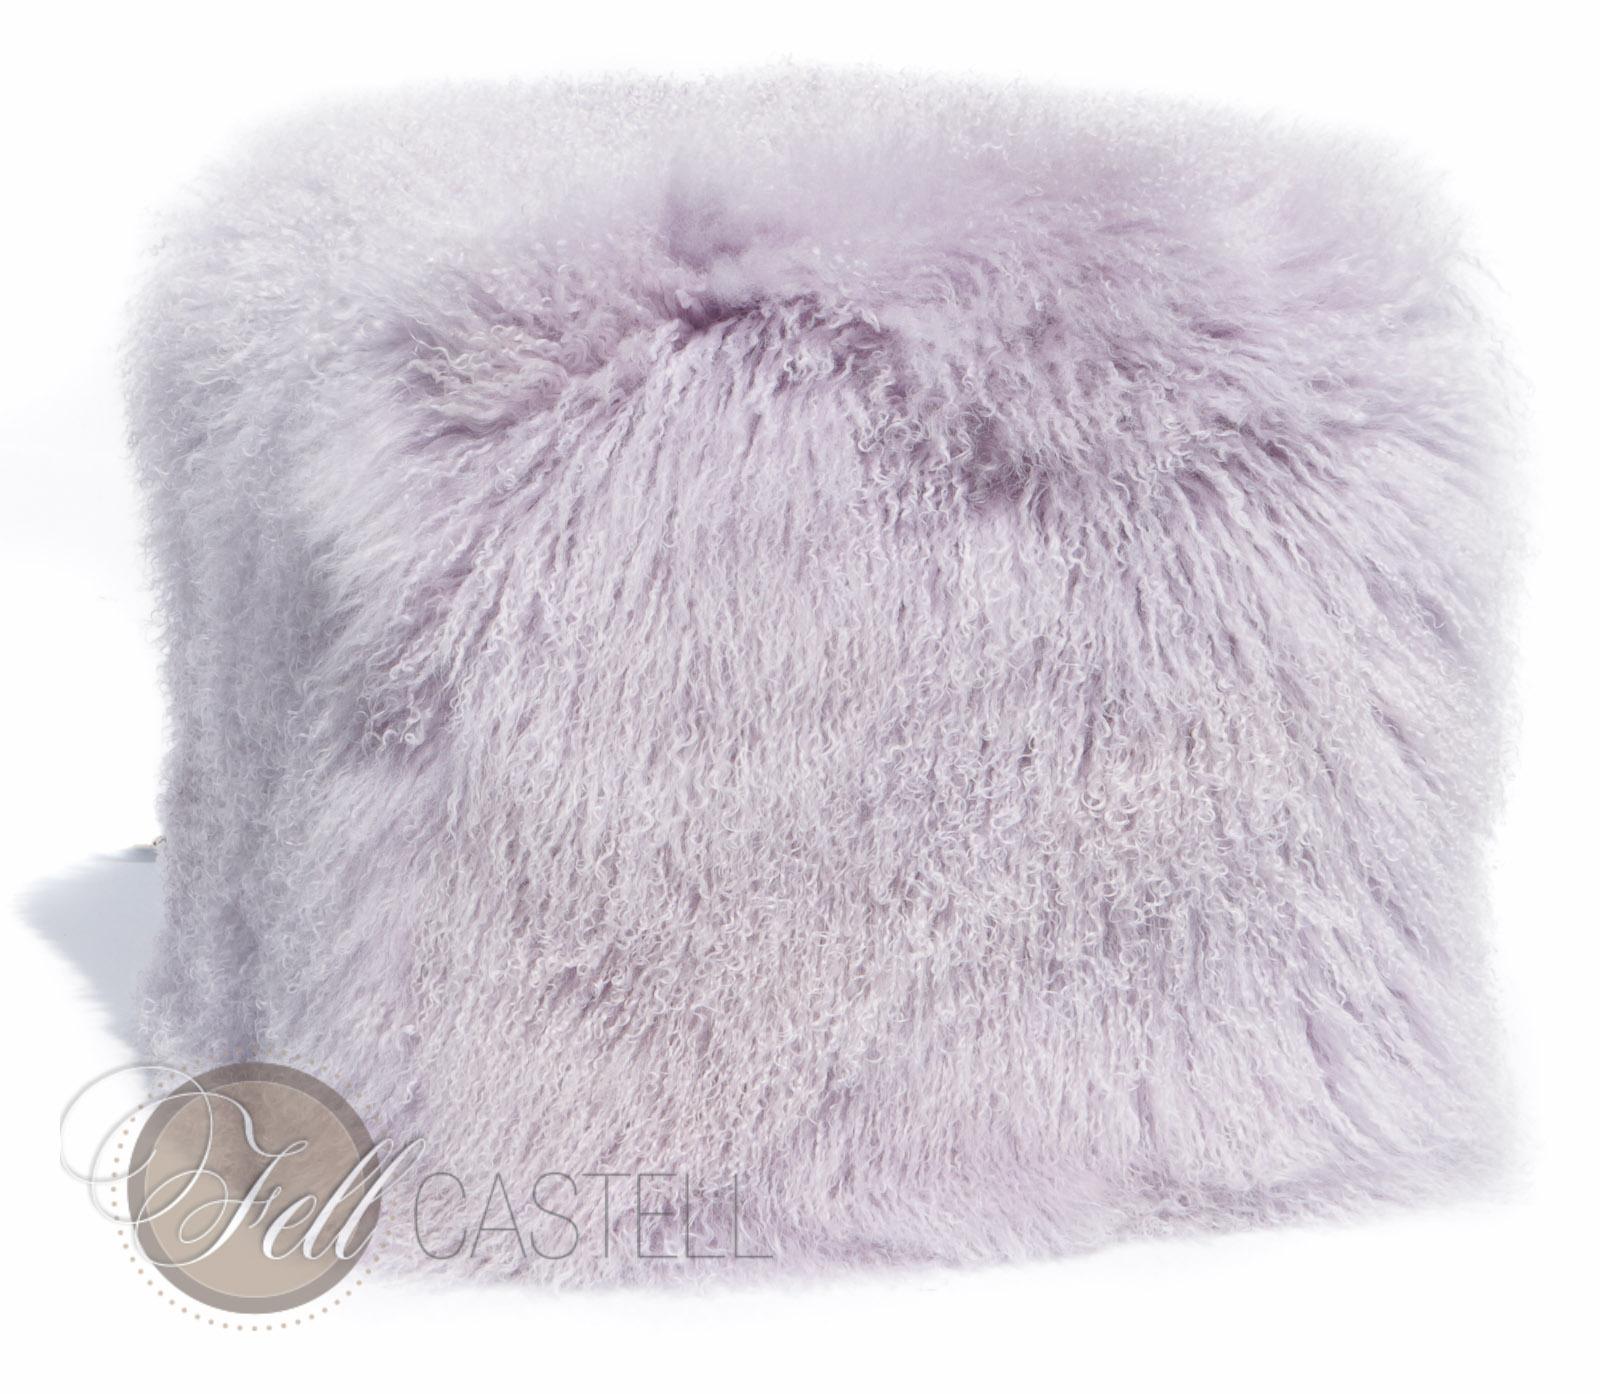 Würfel aus Tibet Lammfell 45x45x45 cm Lavender Fog Tibetlammfell